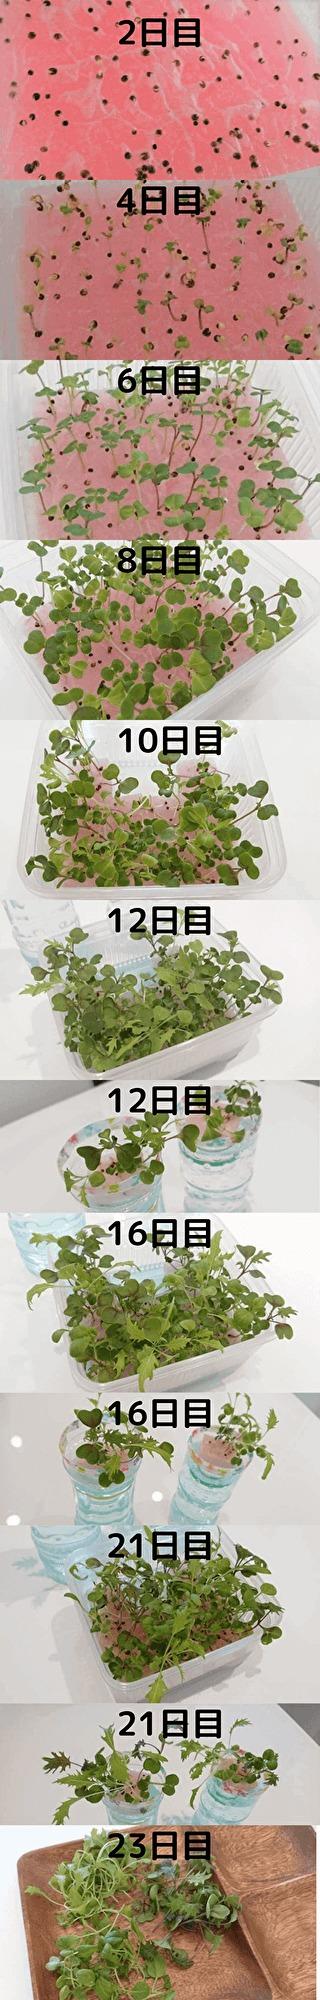 水耕栽培 1ヶ月分のブログ写真で振り返ります